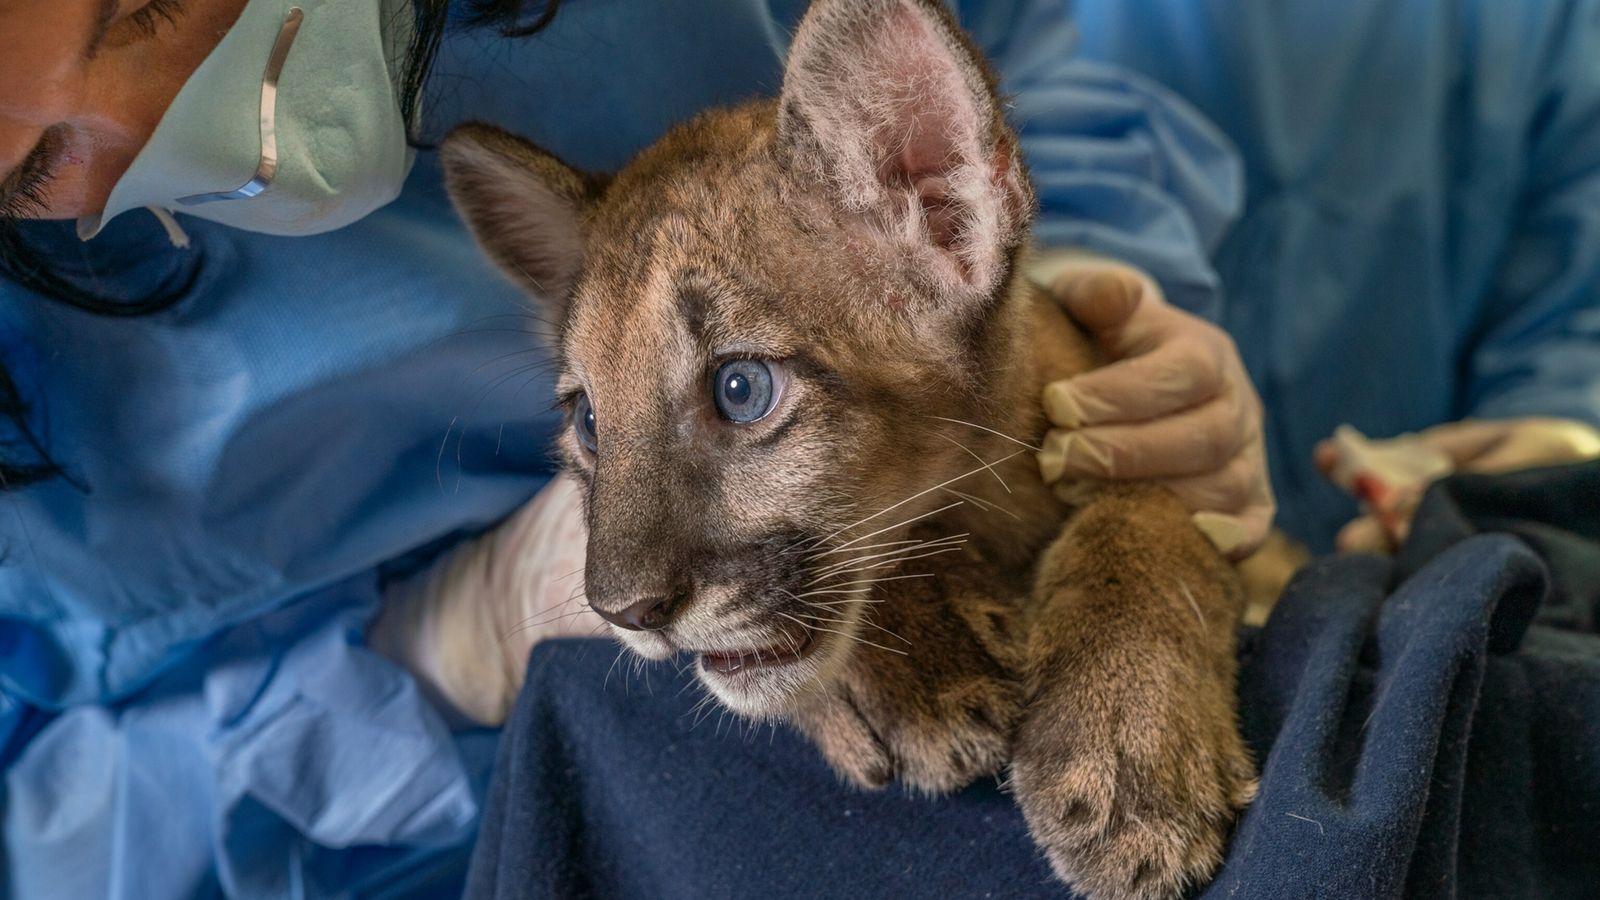 Uma cria de pantera-da-flórida nascida de uma mãe com leucomielopatia felina (FLM), um distúrbio neurológico recém-descoberto, ...